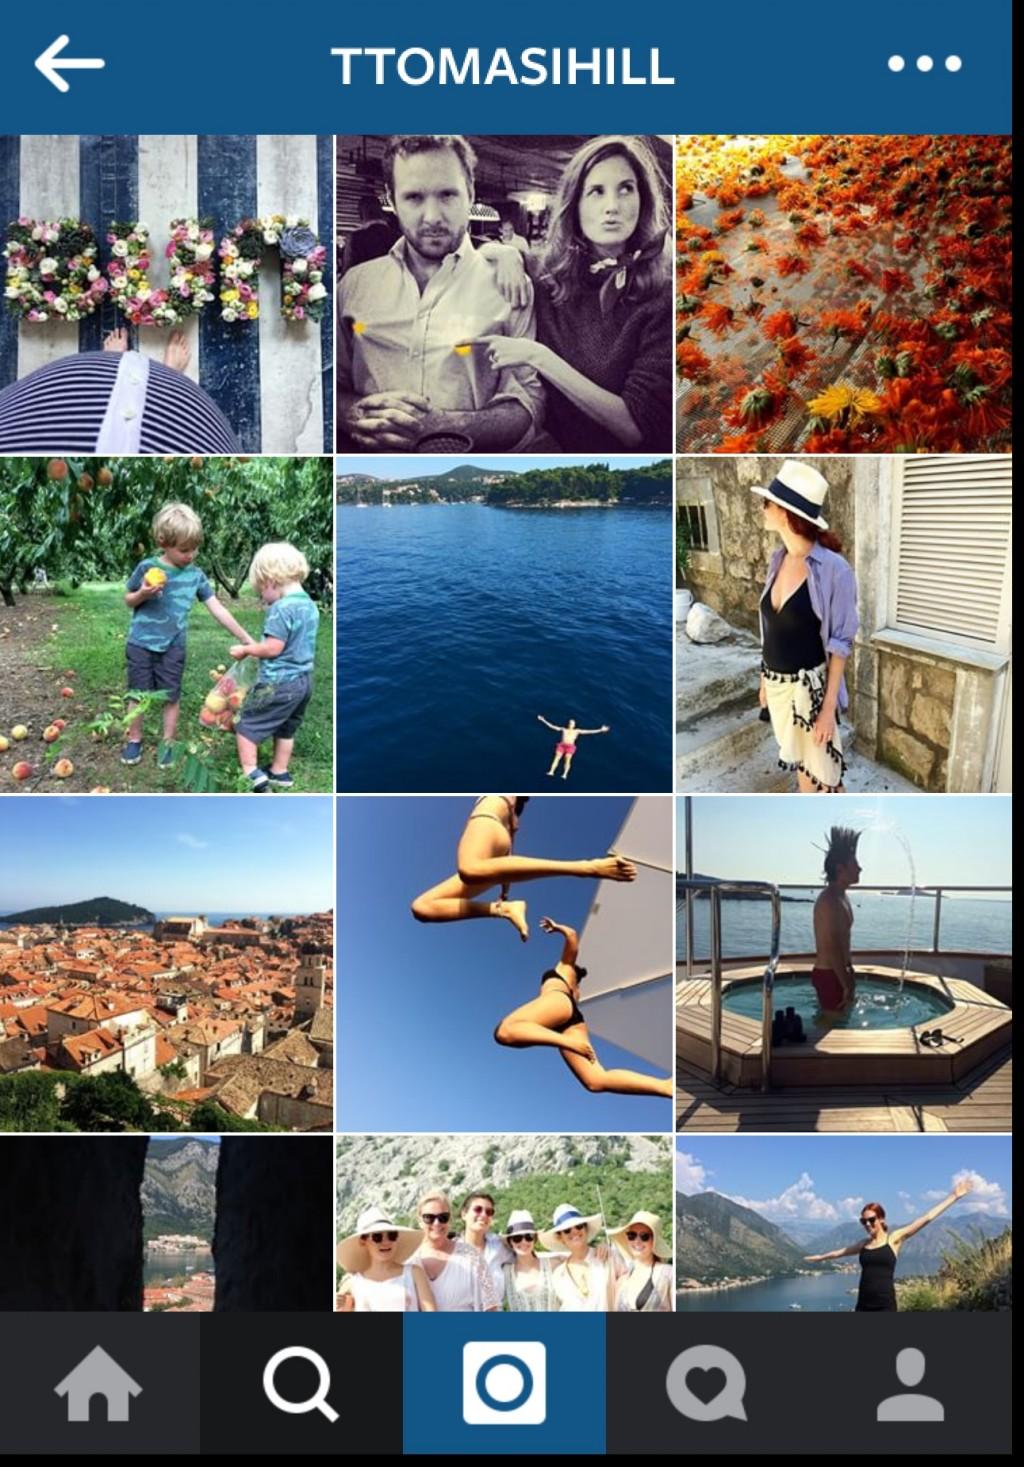 Taylor có 104 ngàn người theo dõi trên Instagram.